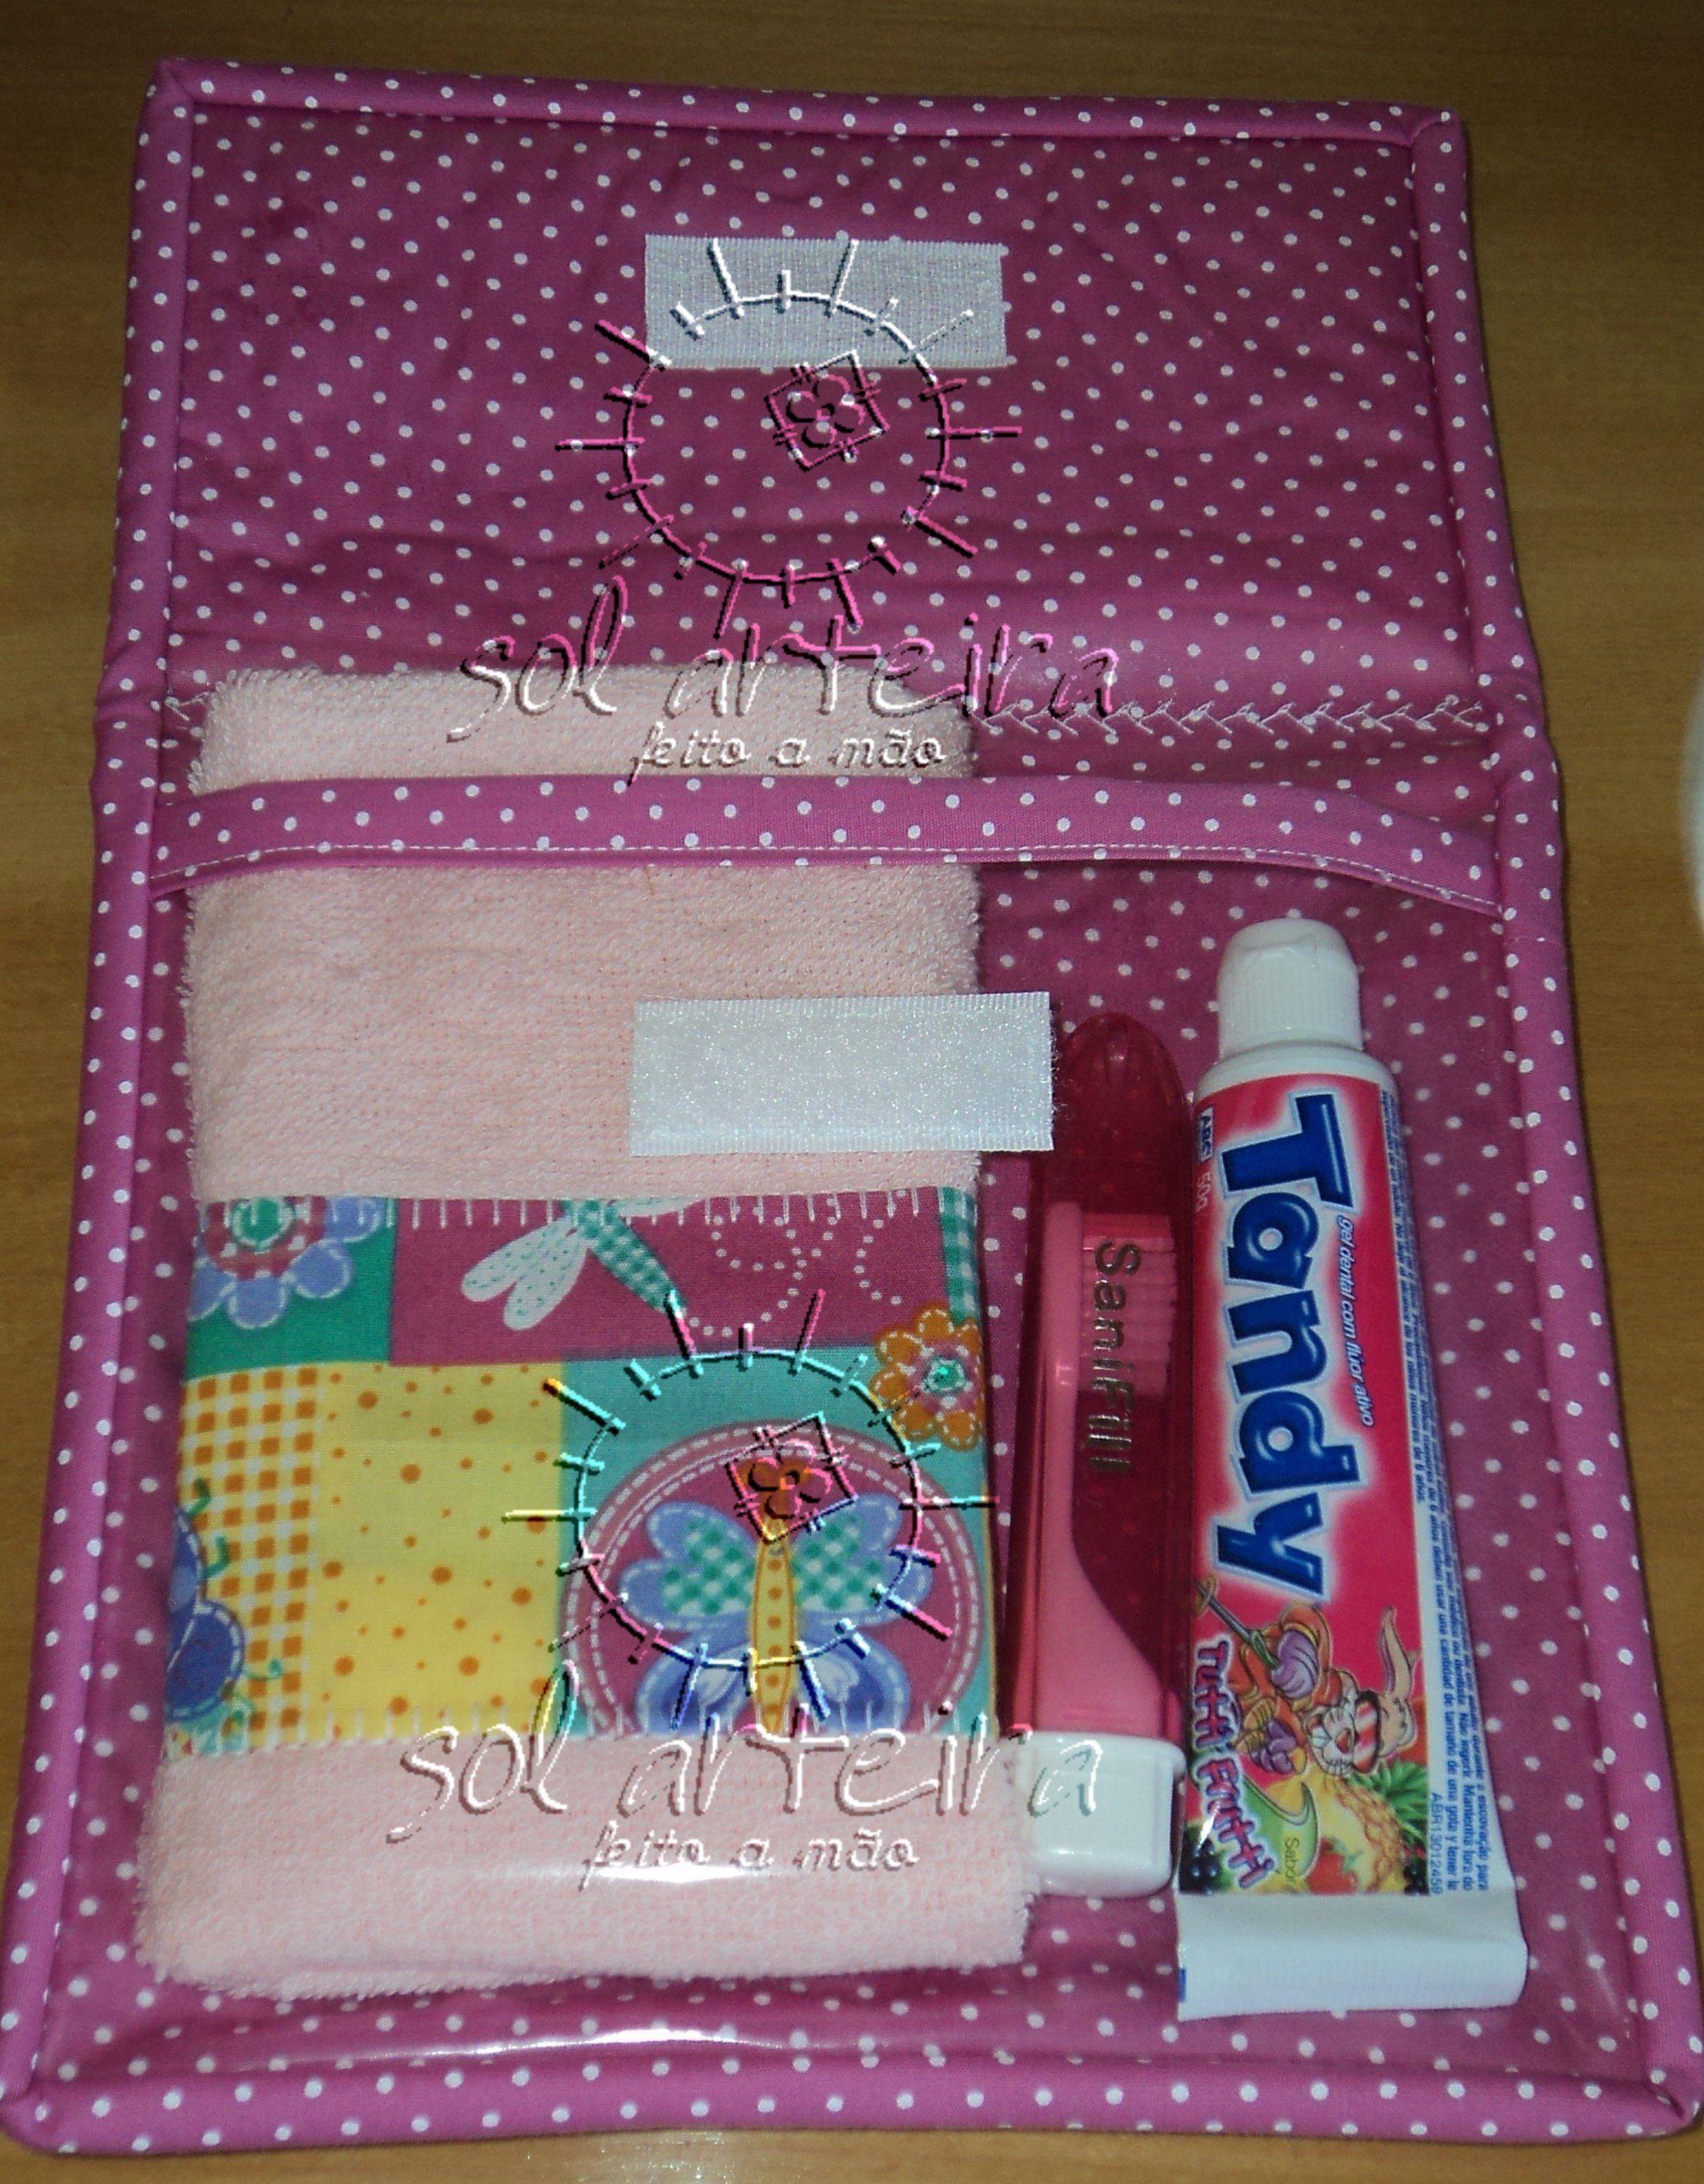 ec50b8de2 Resultado de imagem para kit de higiene bucal pap